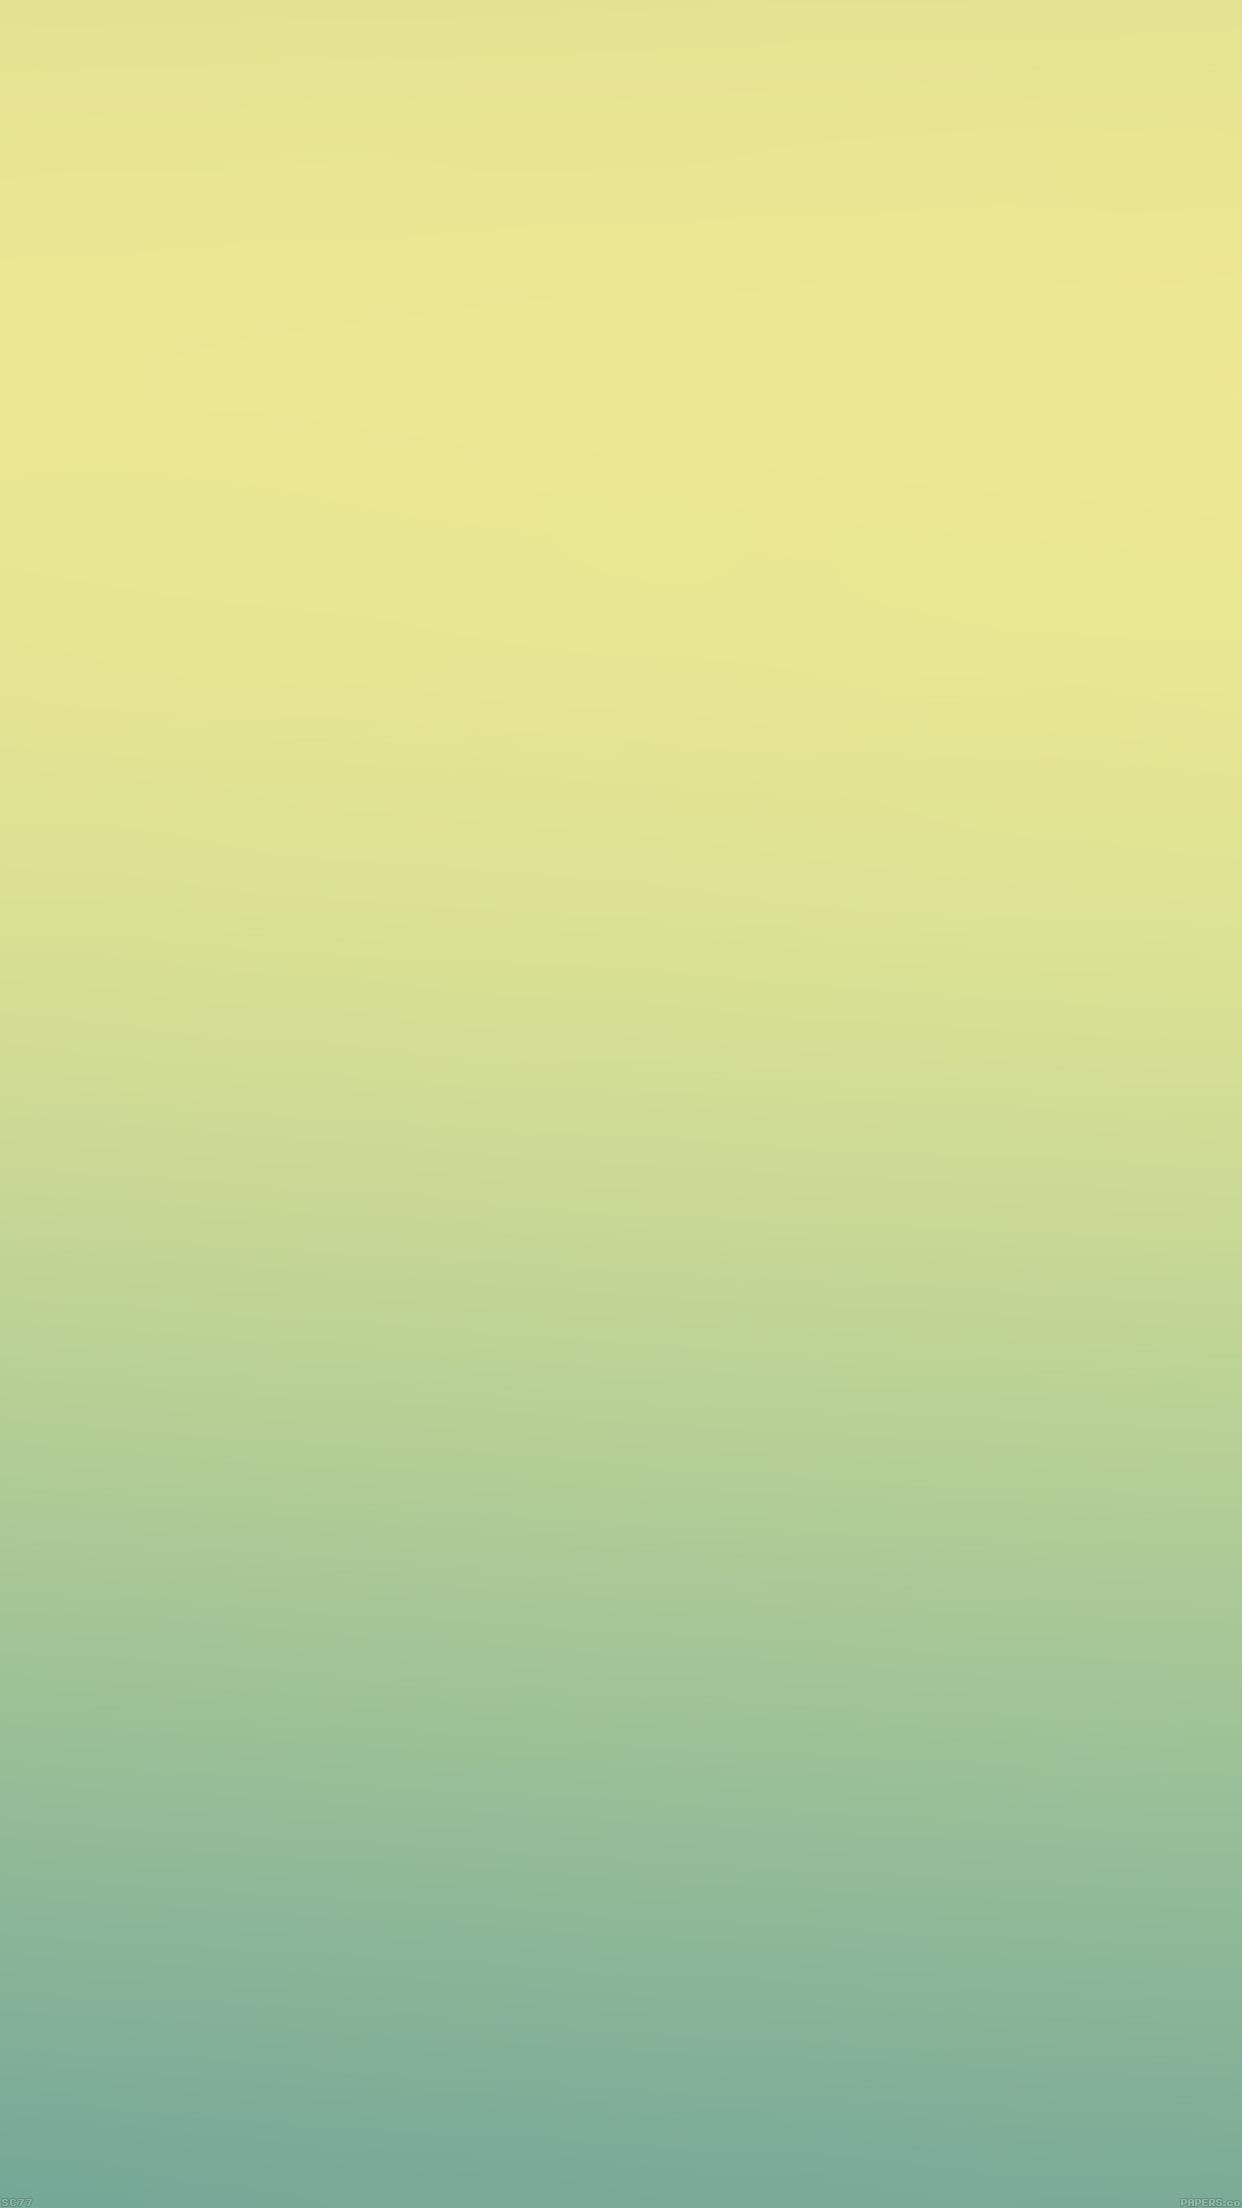 Iphone7papers Sc77 Michael Jordan In The Air Blur